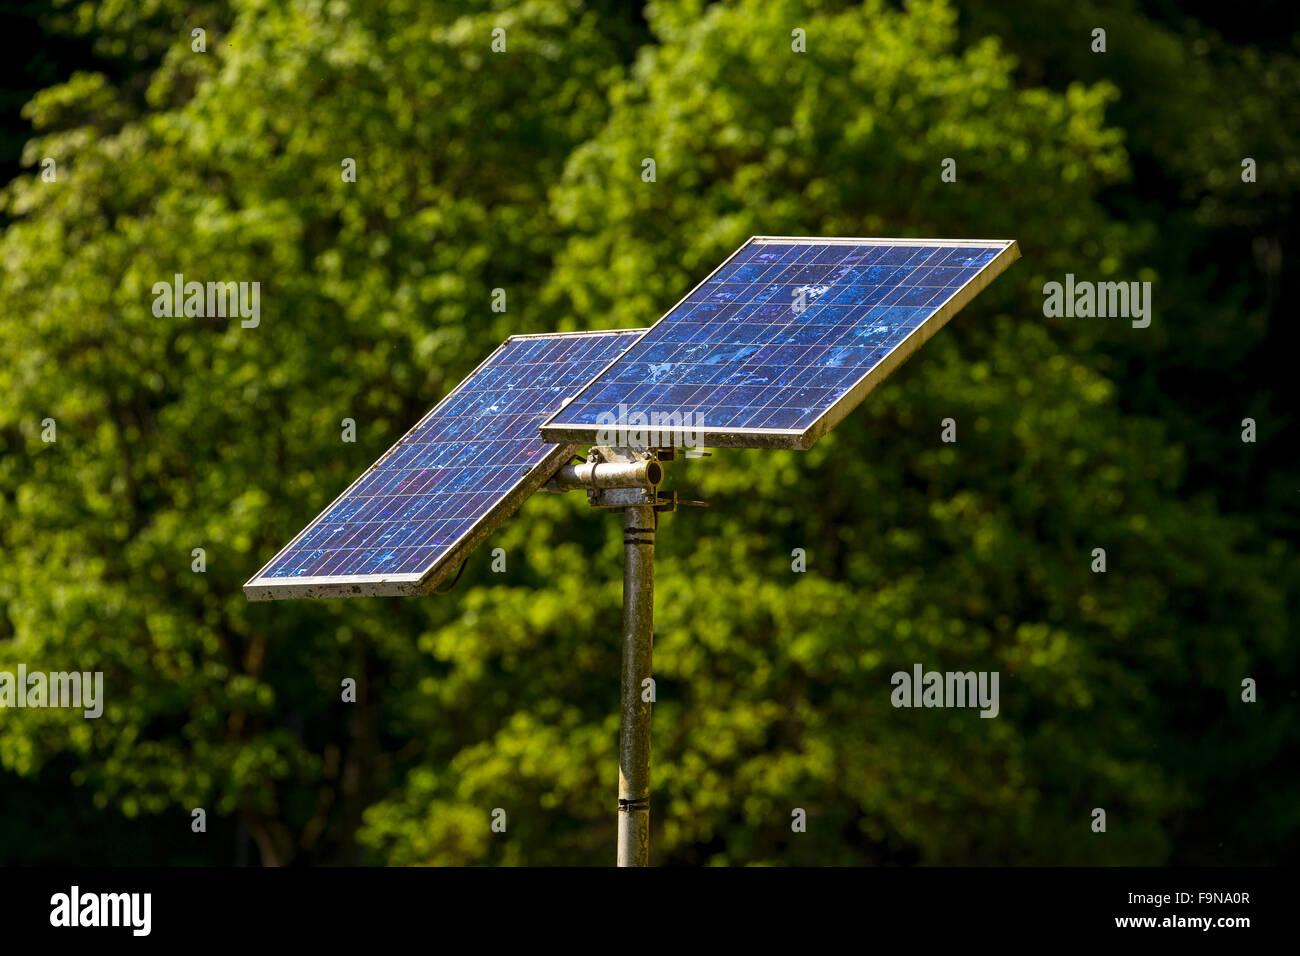 Paneles solares en la parte delantera de arbustos verdes, la energía del sol Imagen De Stock